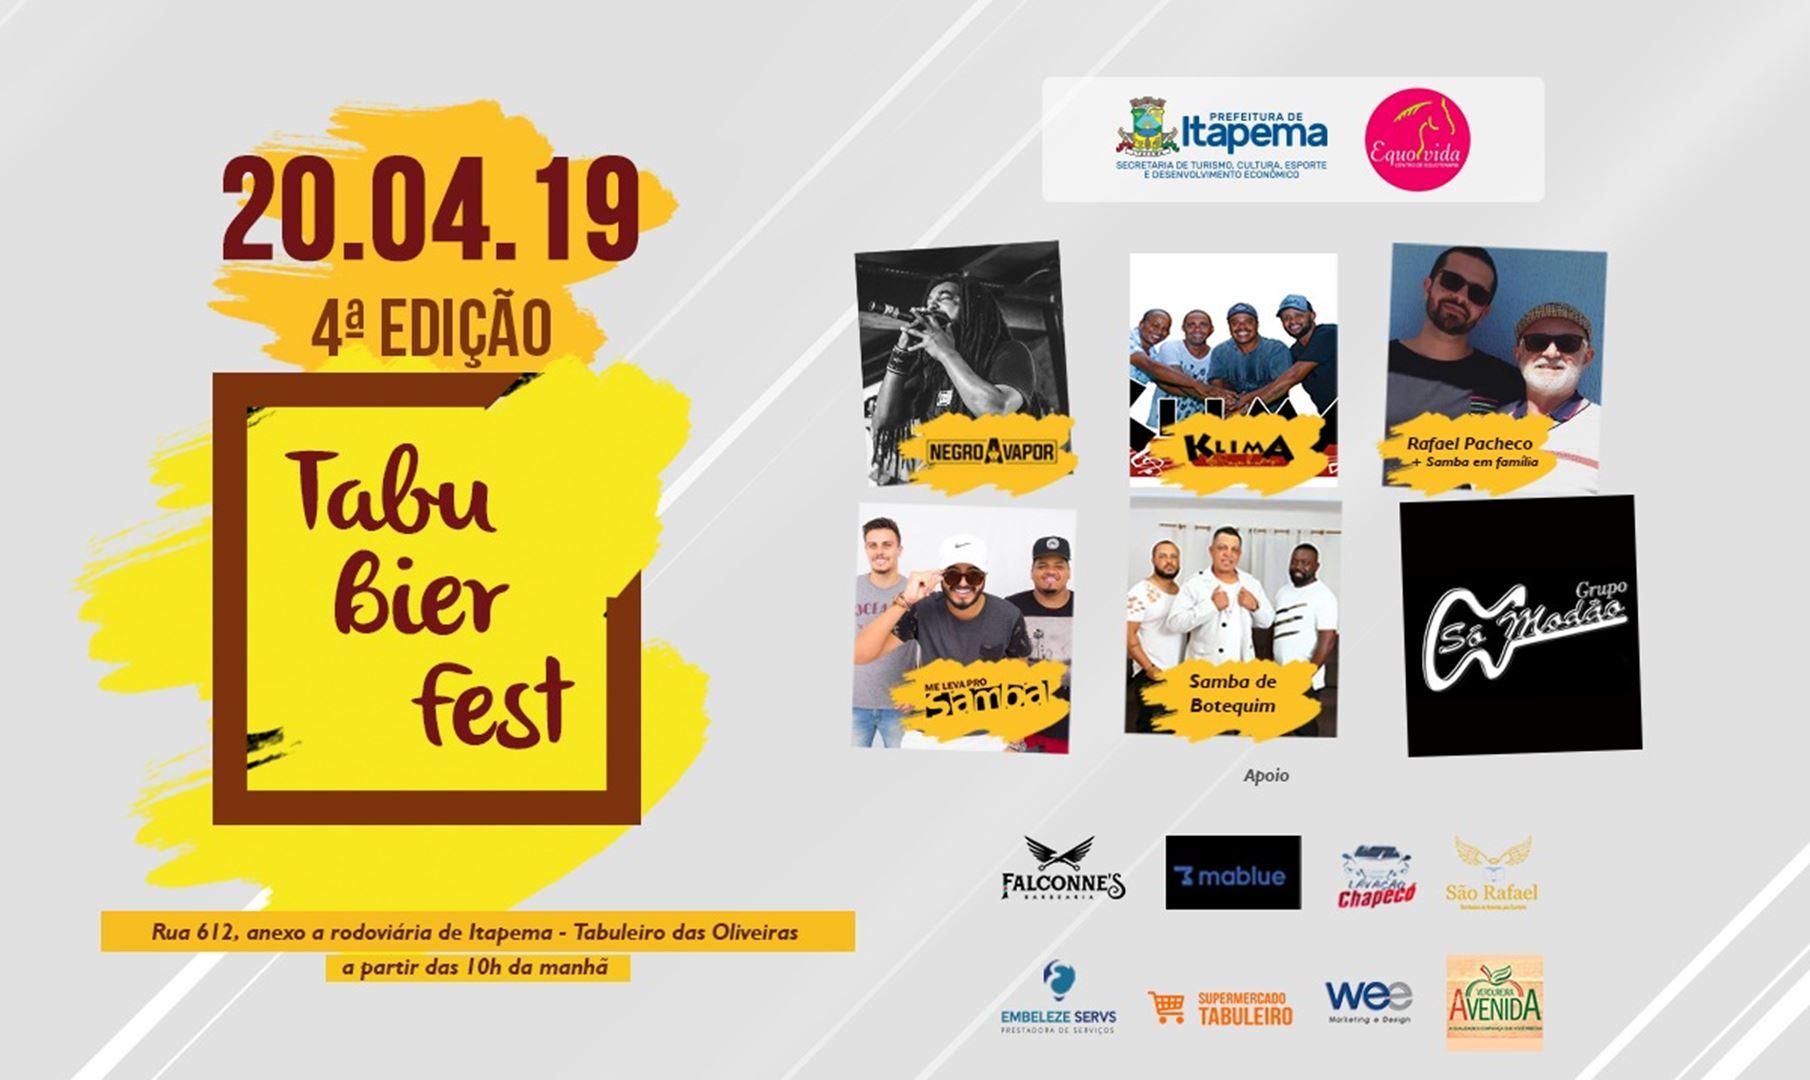 Sábado (20/04) acontecerá a 4ª Tabu Bier Fest